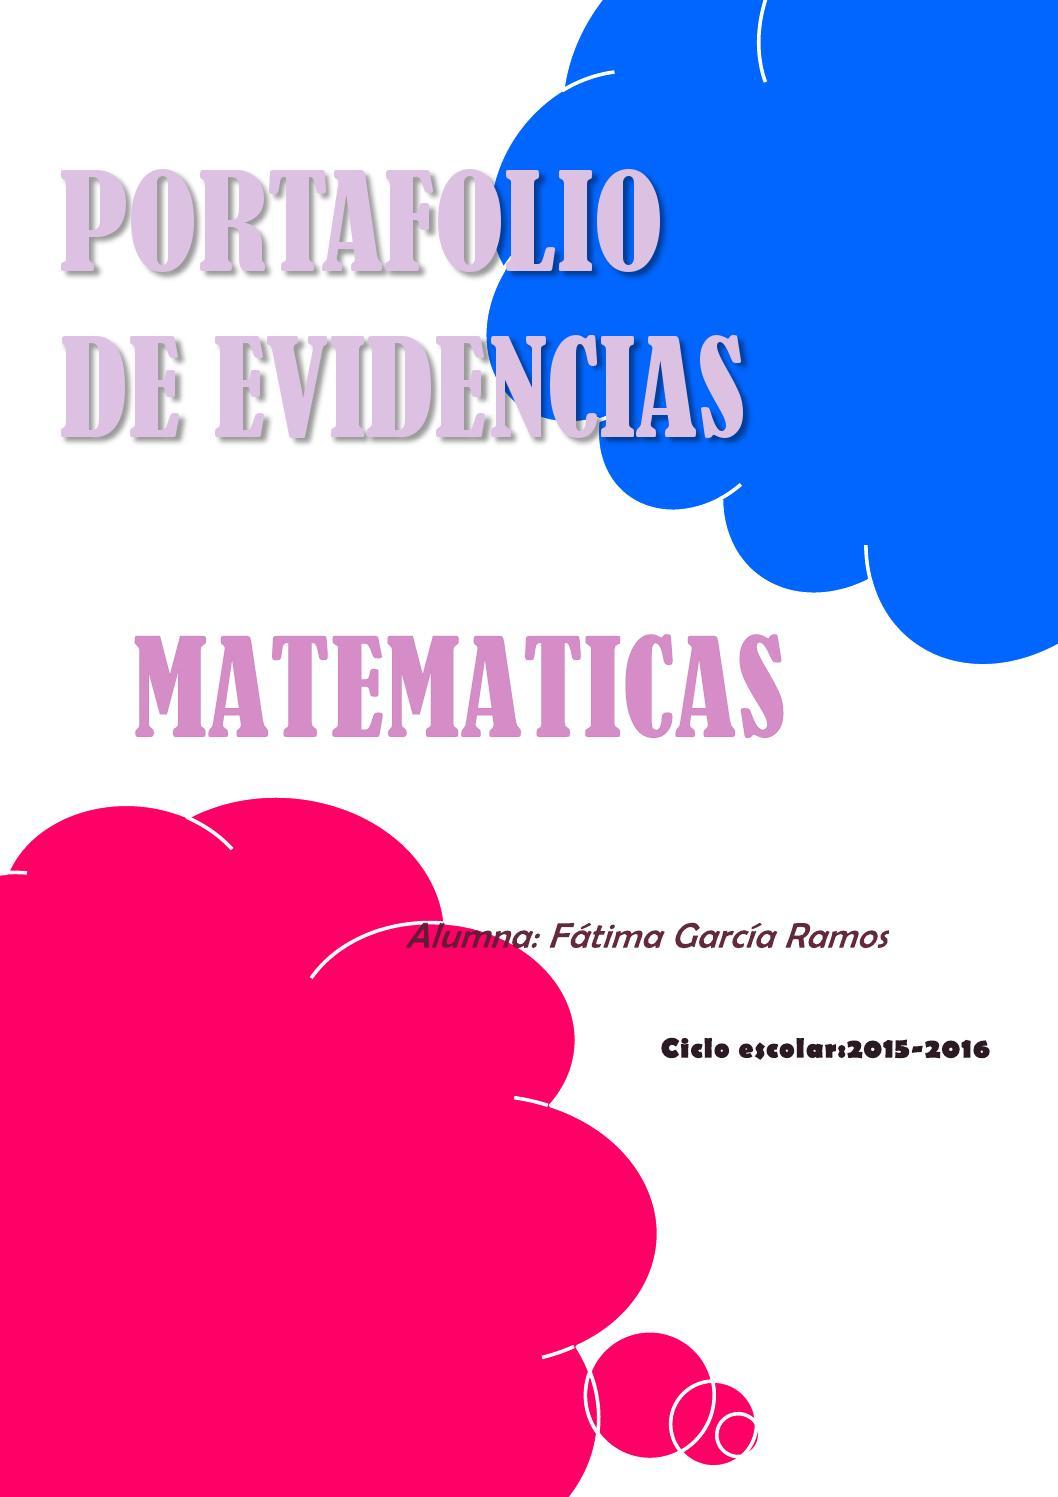 Cuadernillo De Evidencias De Matemáticas 6 - Portafolio de evidencia,matematicas. by Fátima García - Issuu